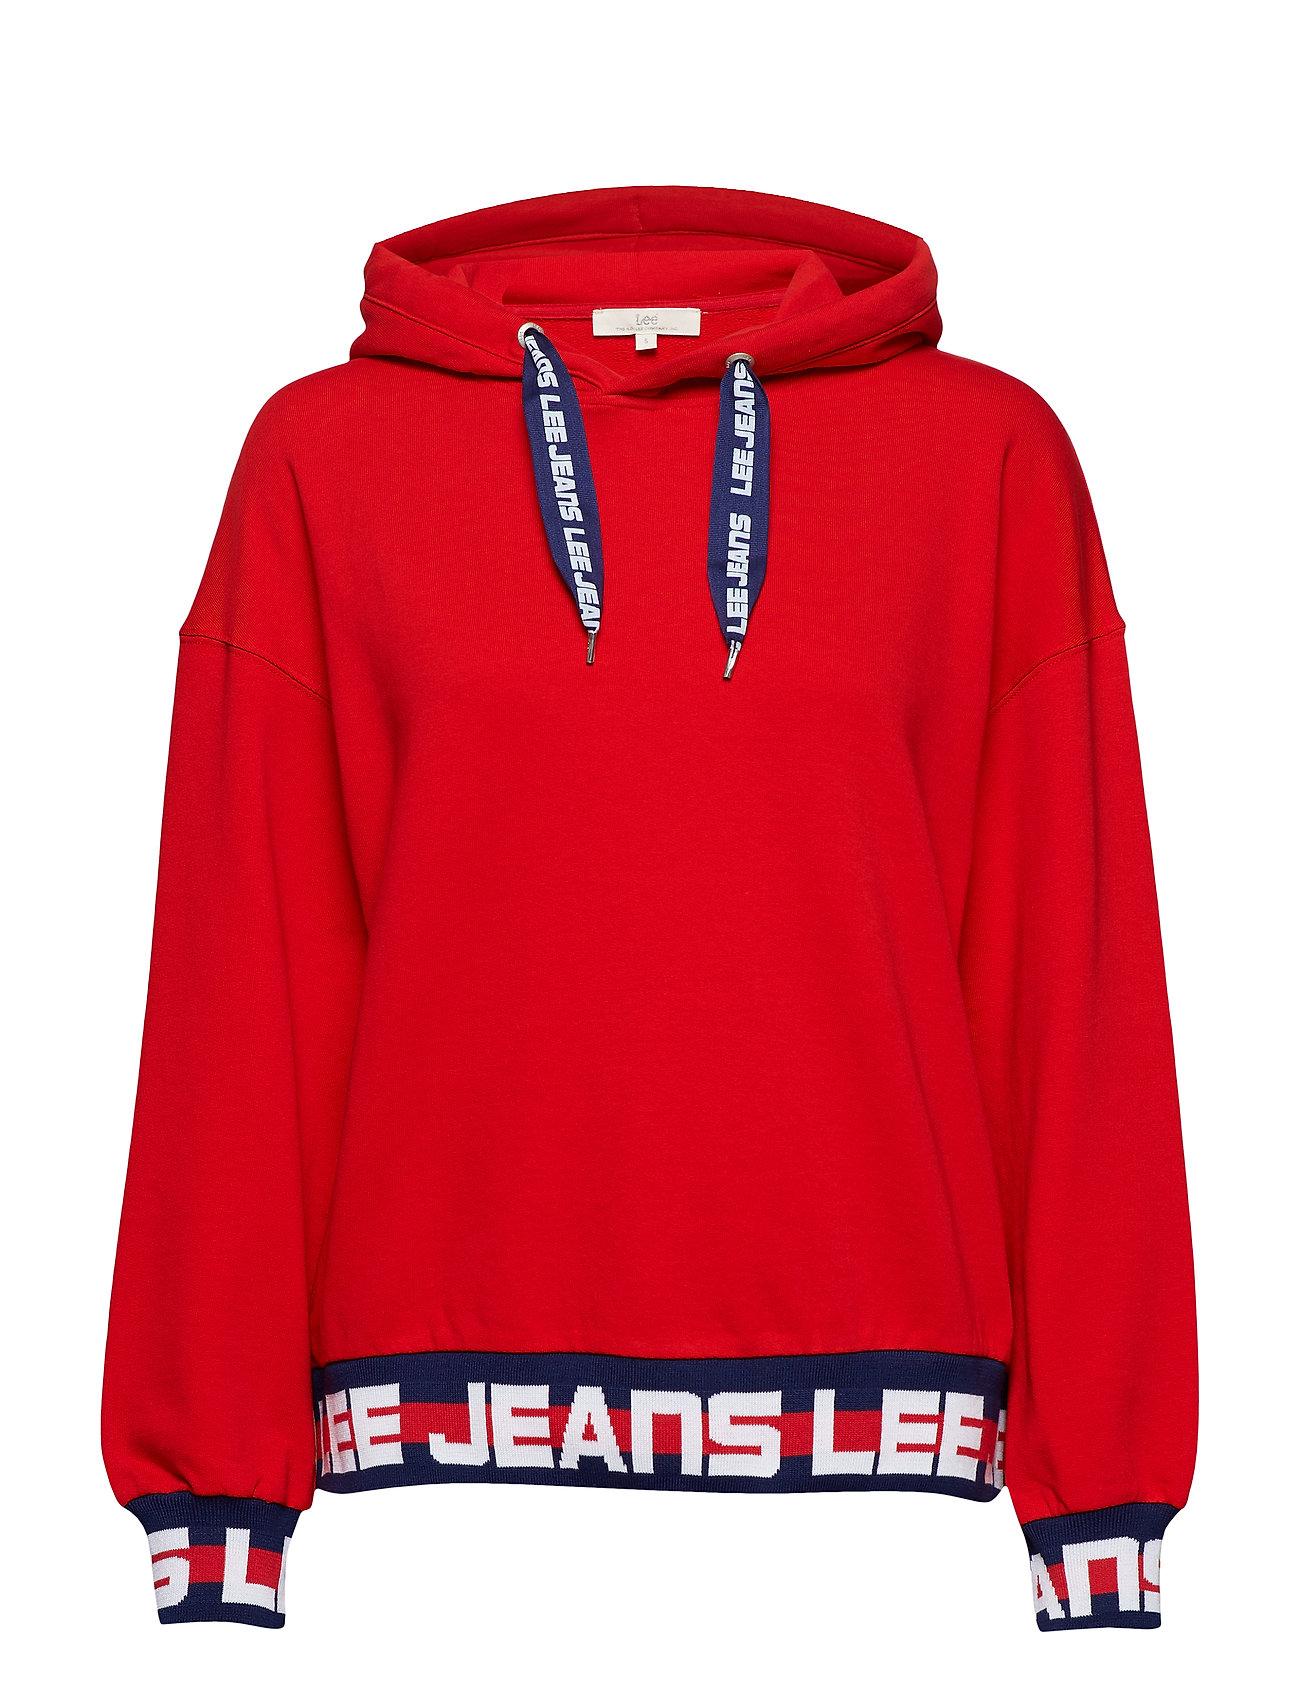 Lee Jeans HOODIE SWS Ögrönlar